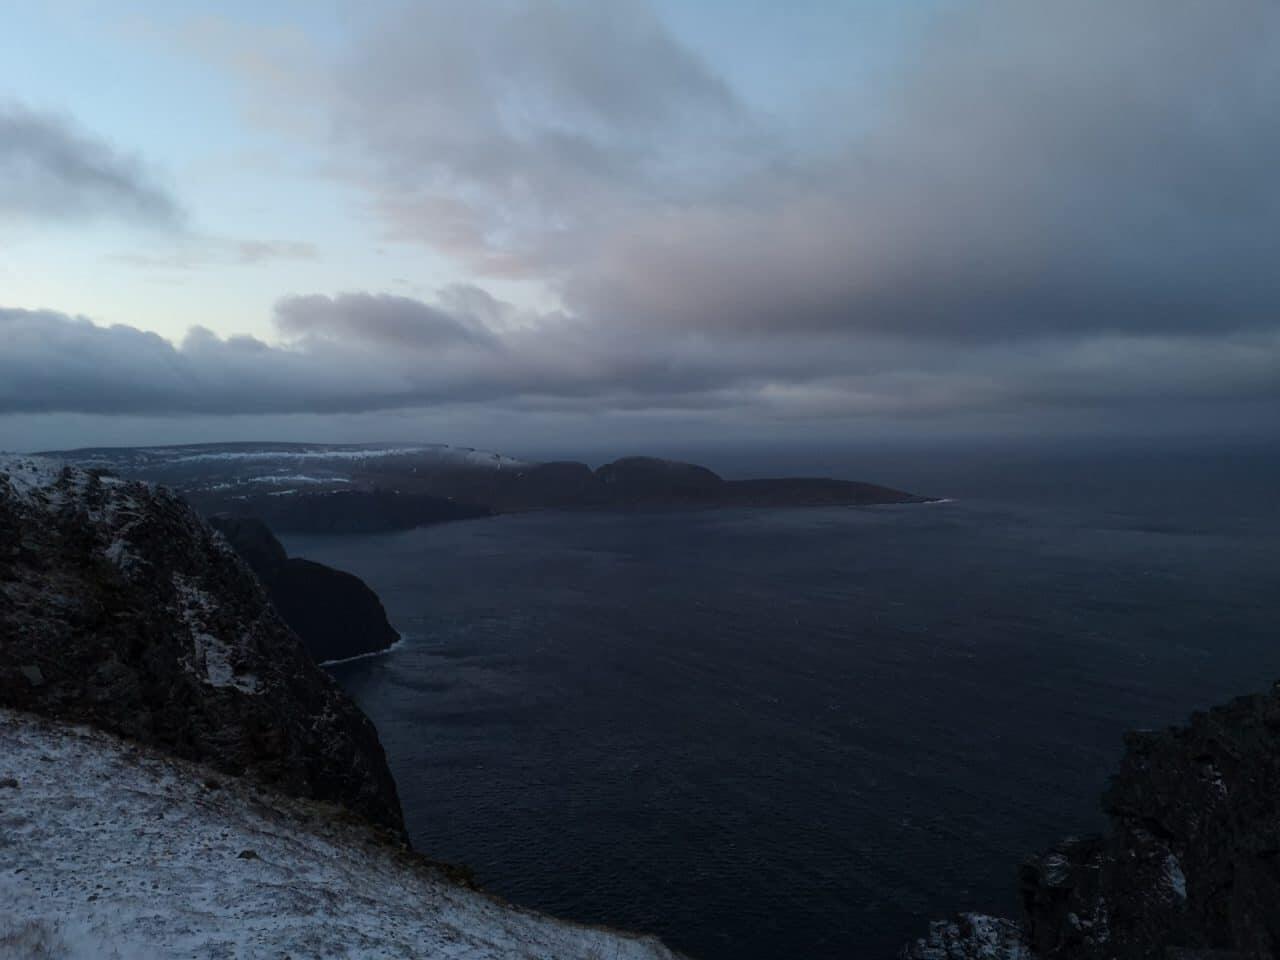 Jokamies-Teslalla-talvella-Nordkappiin-maisema-luoteesee